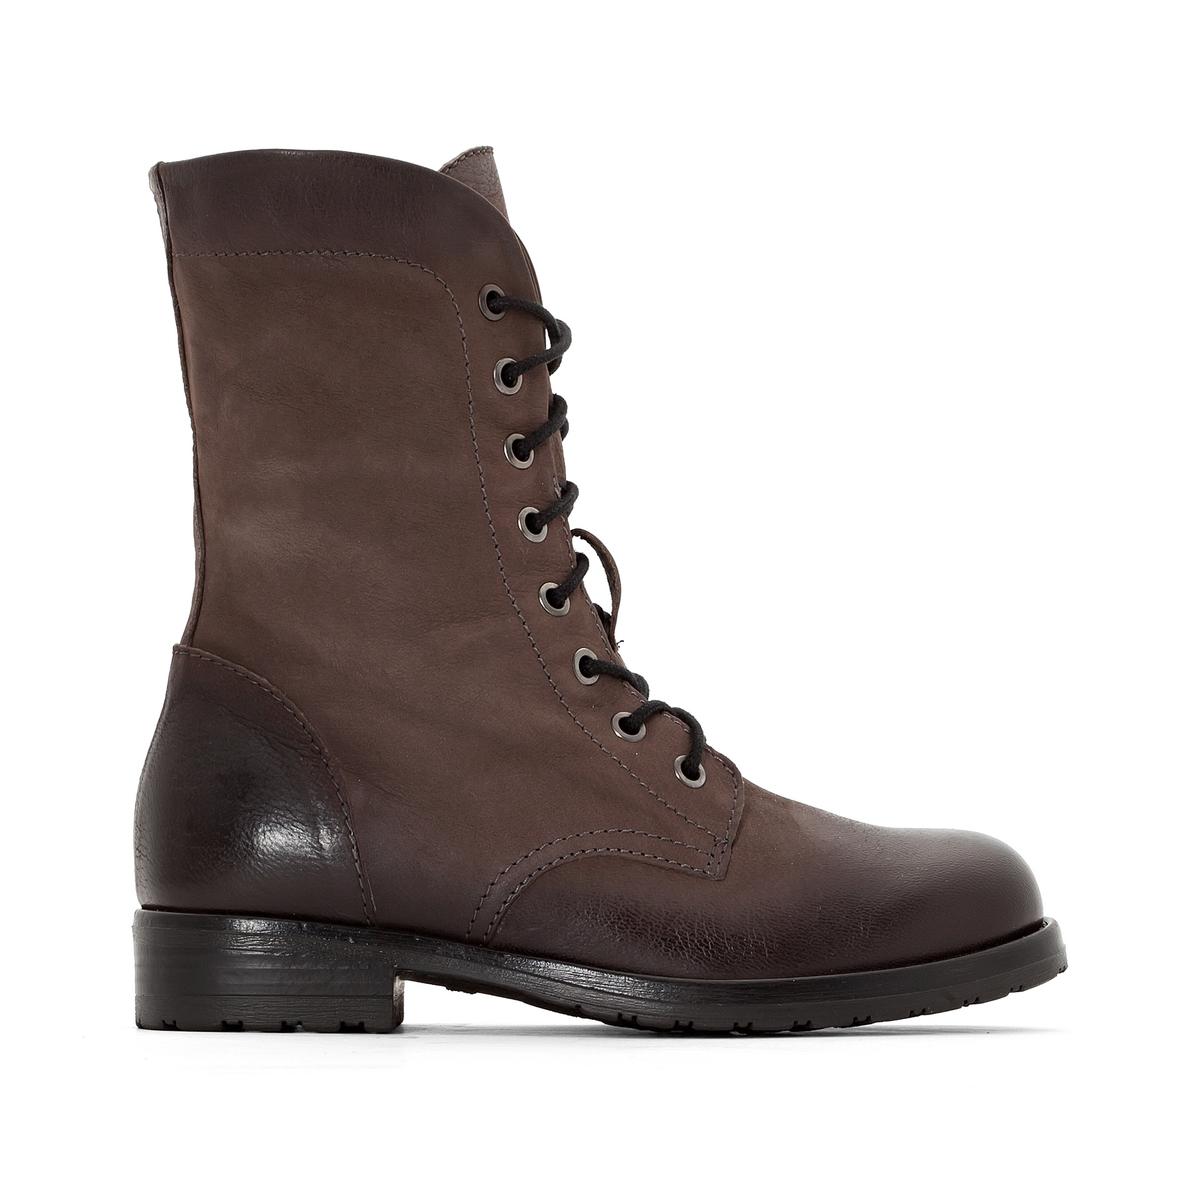 Ботинки кожаные с отворотами, MINOA RIVERПодкладка: Текстиль.     Стелька: Кожа.Подошва: Каучук.                       Высота каблука: 3 см.  Высота голенища: 19 см.Форма каблука: Широкая.   Мысок: Круглый. Застежка: Без застежки.<br><br>Цвет: серо-коричневый<br>Размер: 37